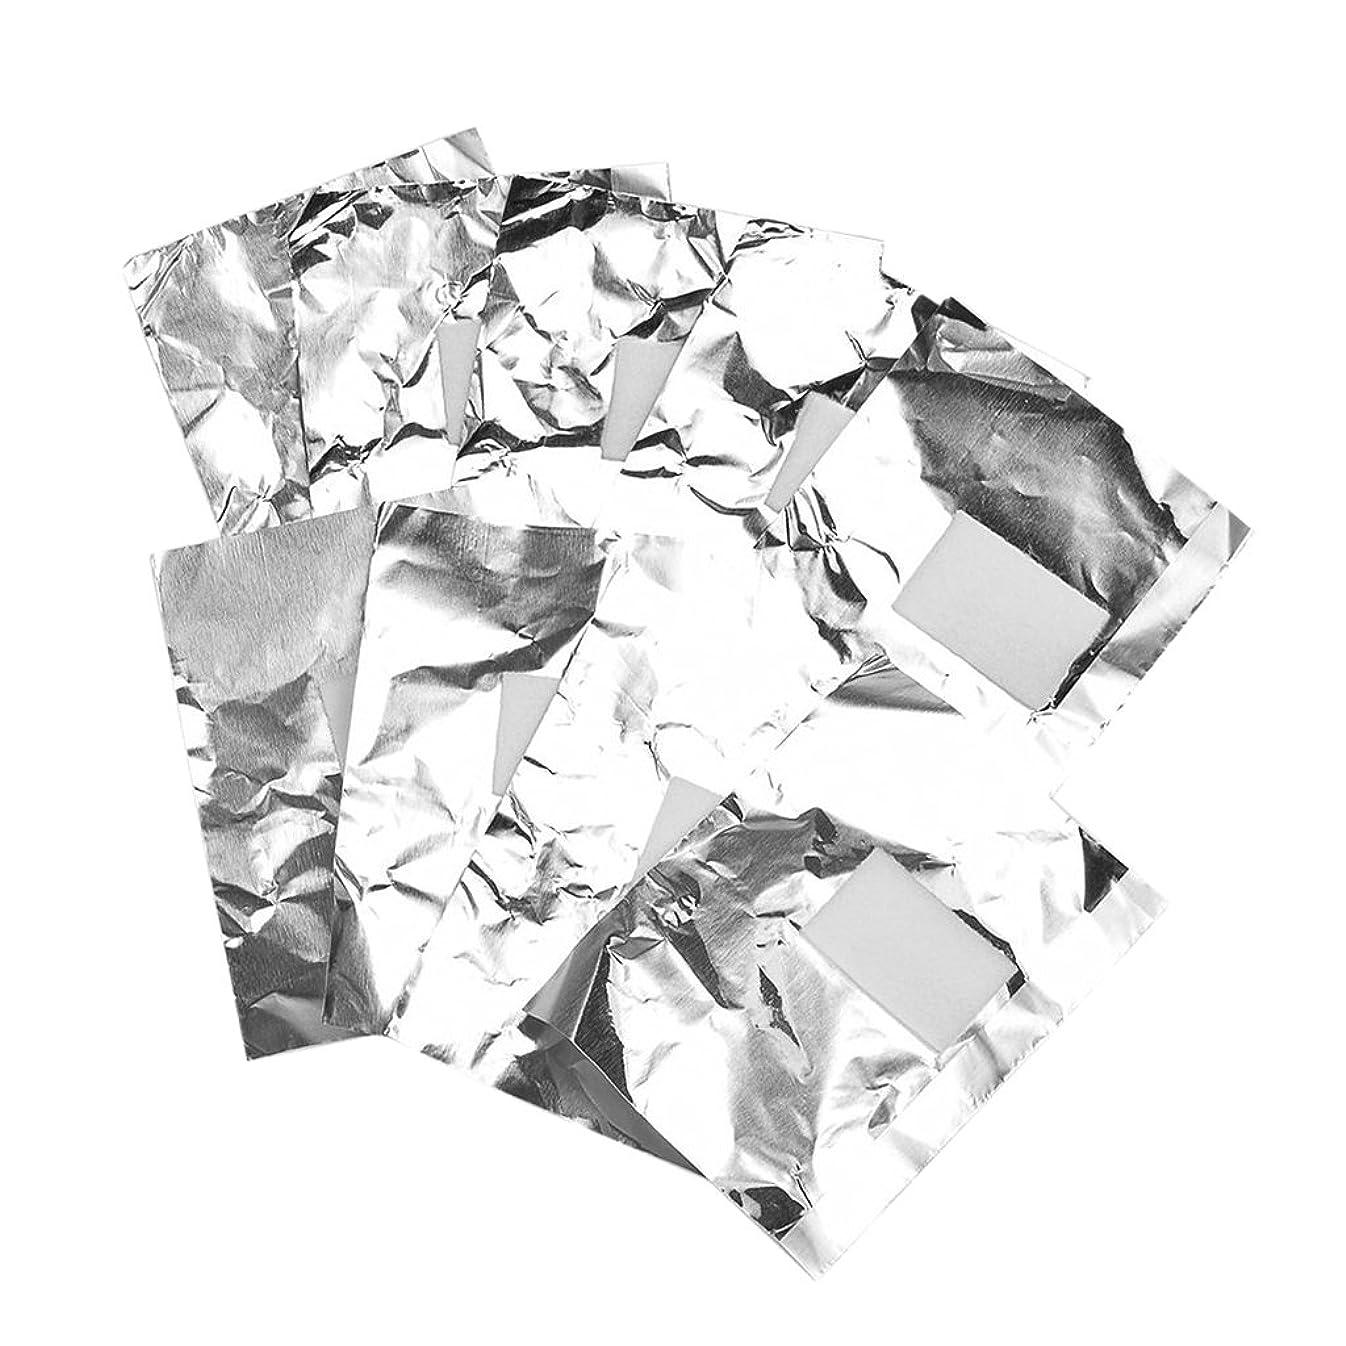 好戦的なパワー毒性Kesoto 約100枚 ジェル除却 ネイルアート ネイル装飾除き 錫箔紙 ネイルオイル 包み紙 クリーナーツール